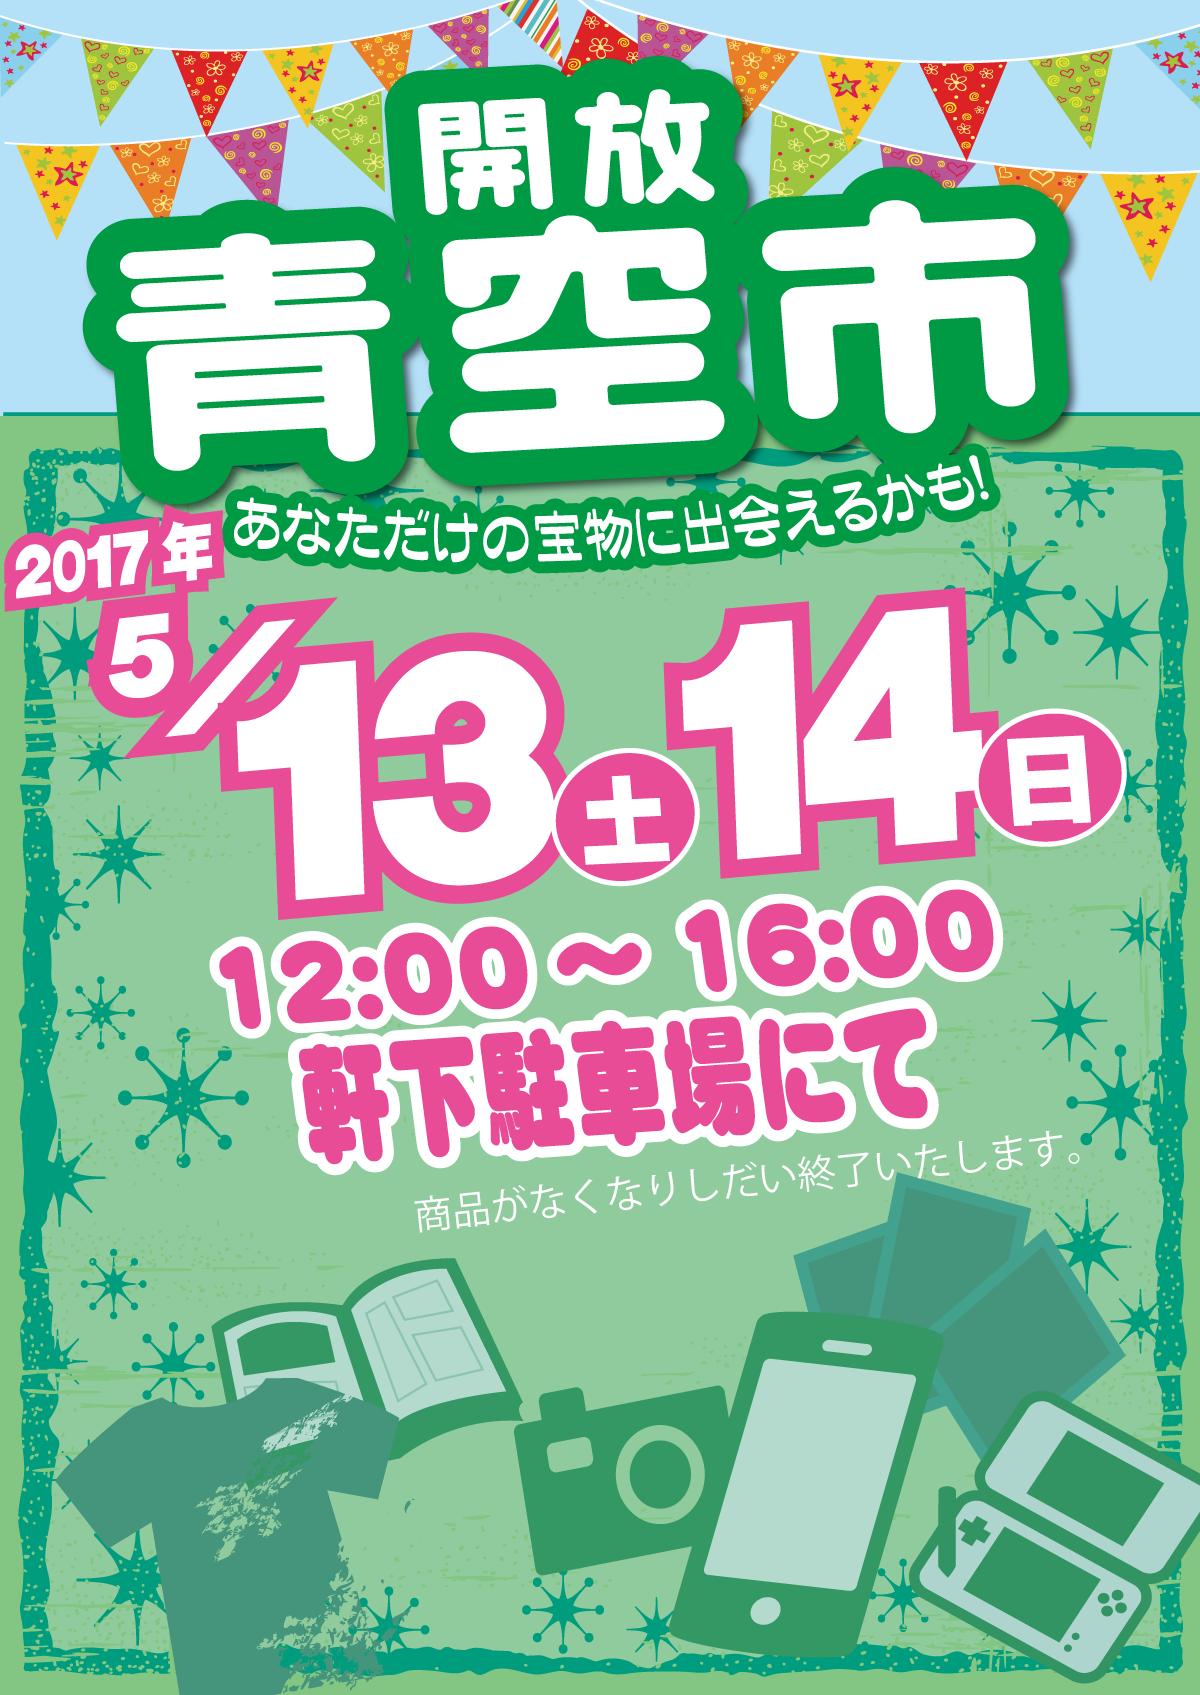 「開放倉庫福山店」2017年5月13・14日(土・日)開放青空市を開催!あなただけの宝物に出会えるかも!